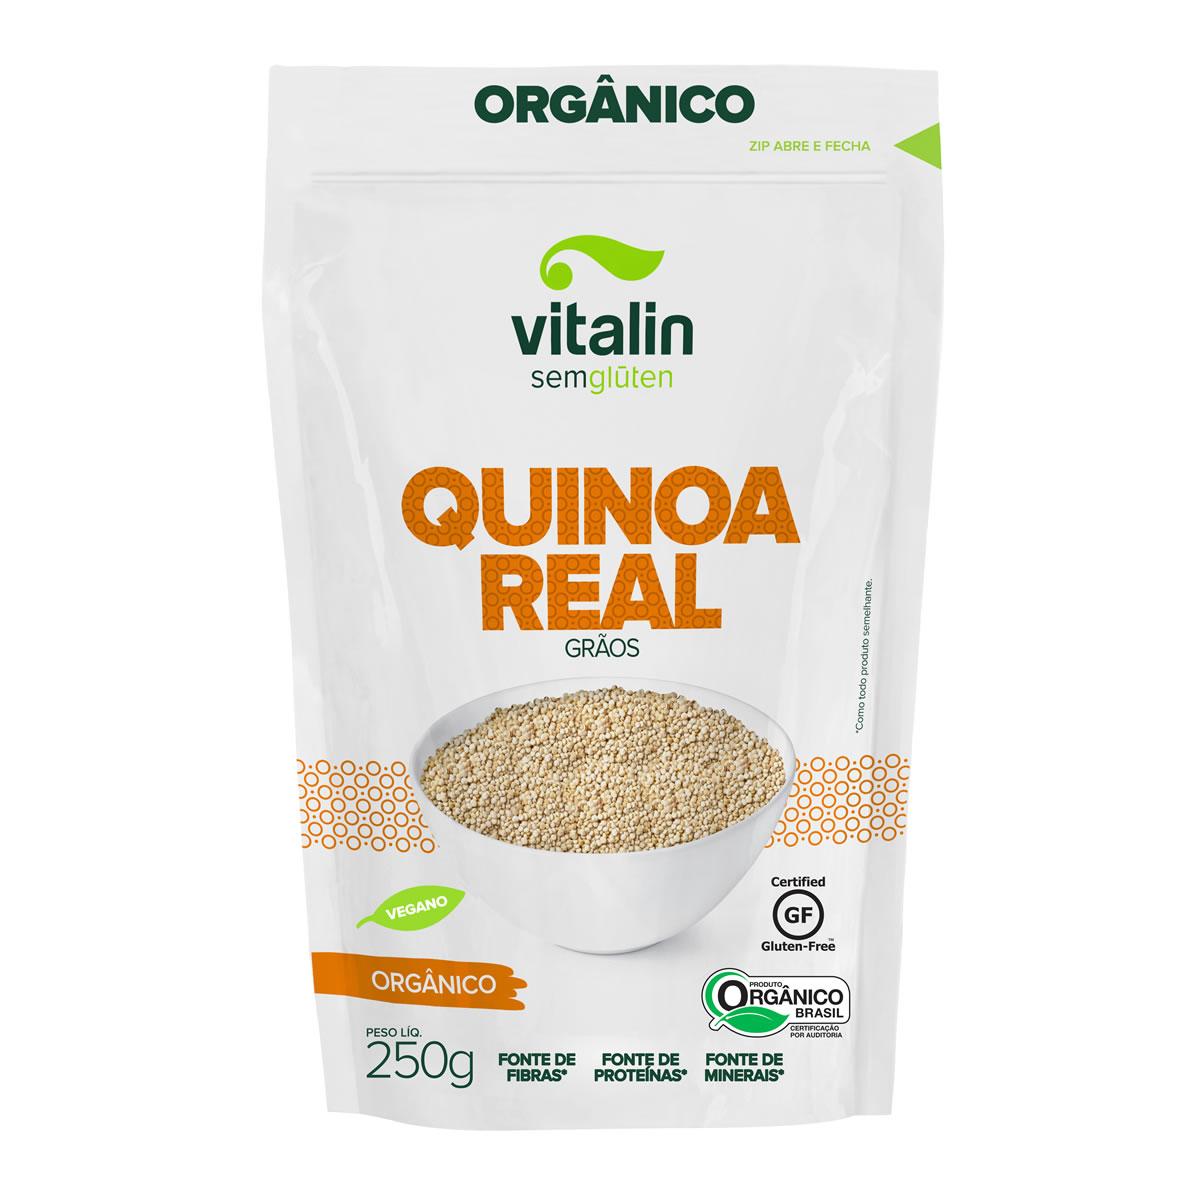 Quinoa Real em Grãos Orgânico 250g - Vitalin